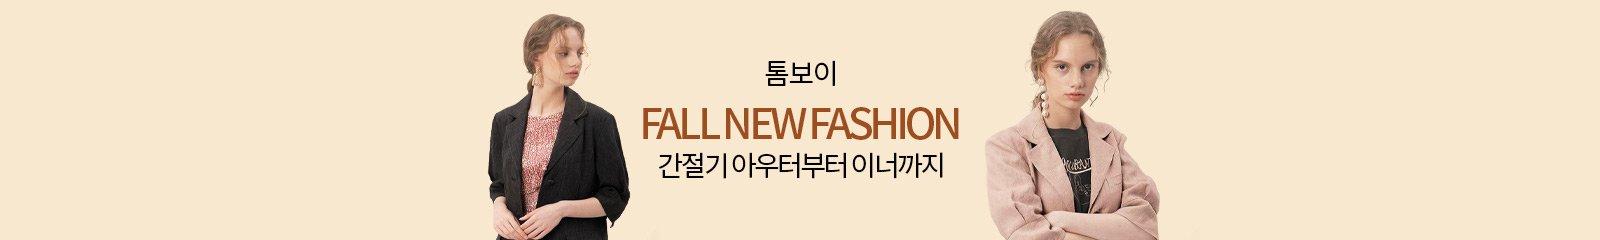 [영패션] 가을 신상 대전